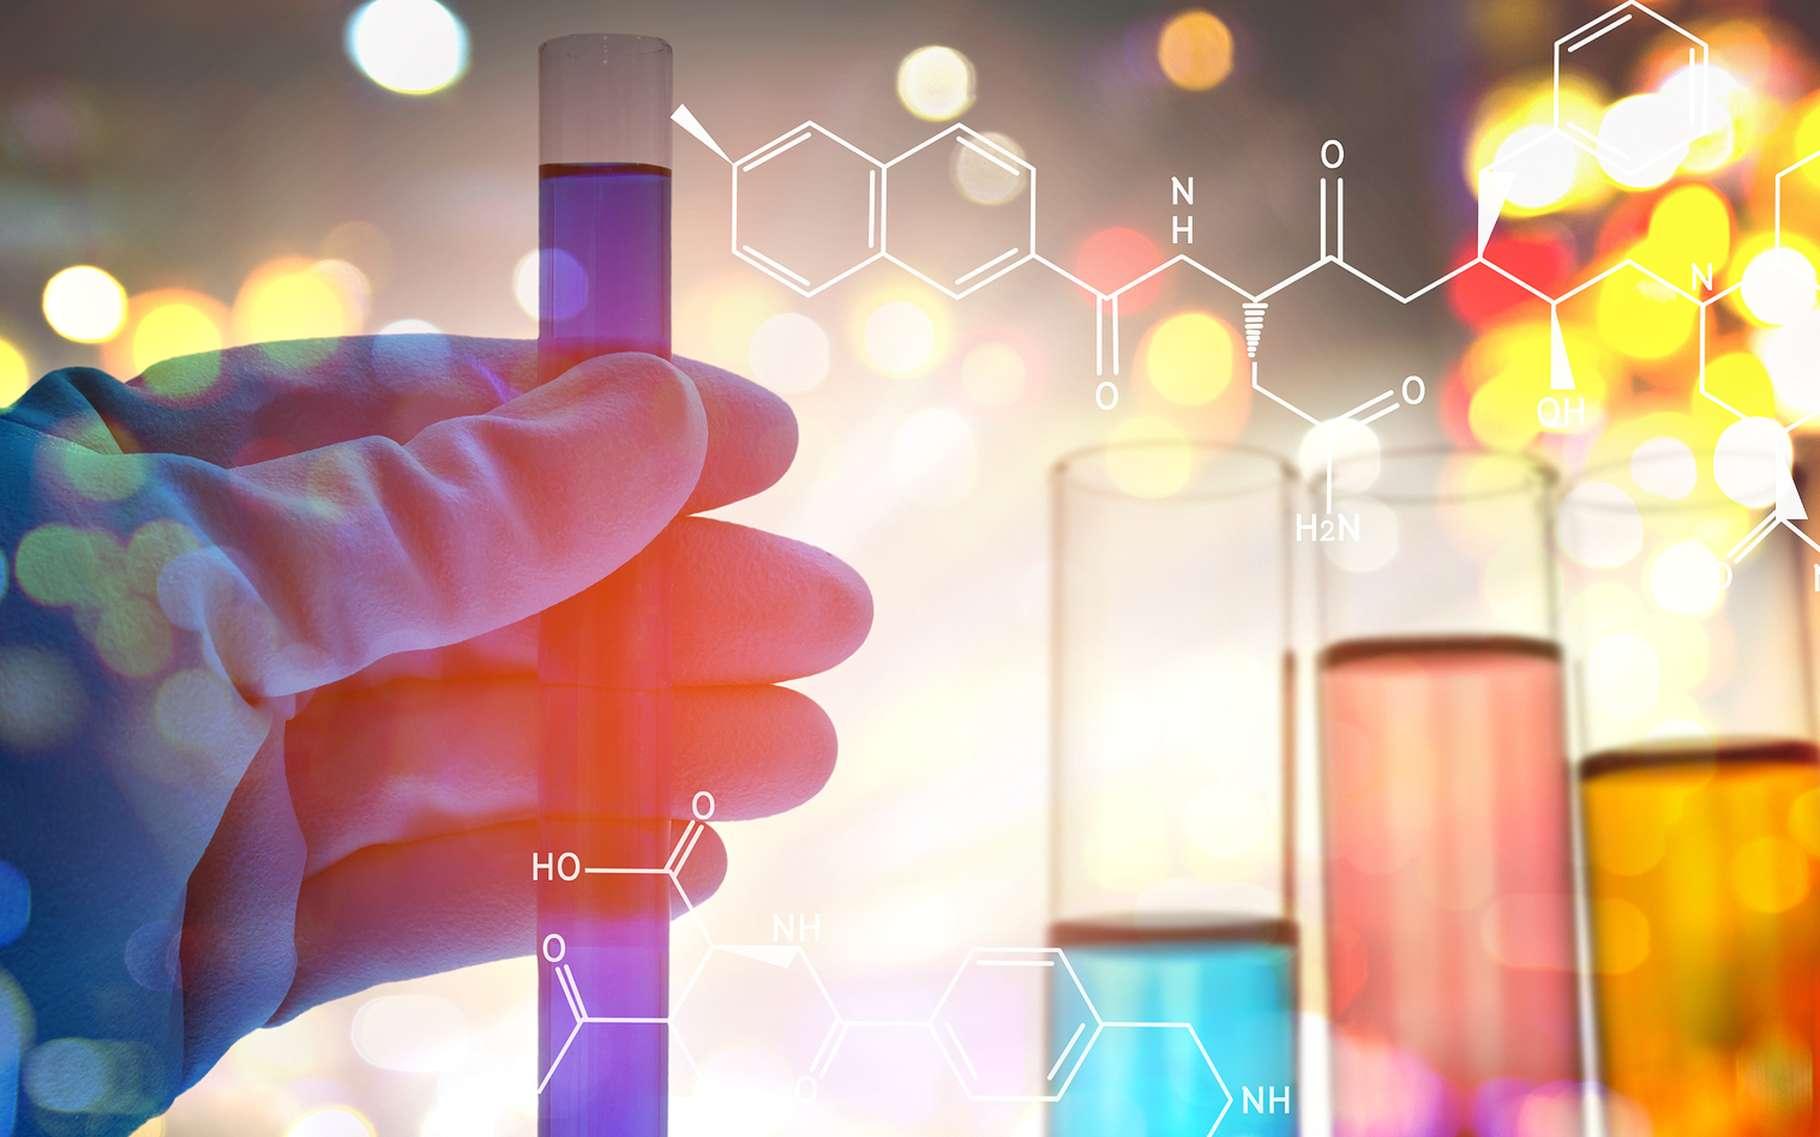 Le nombre d'Avogadro est essentiel en chimie. © Deliverance, Shutterstock